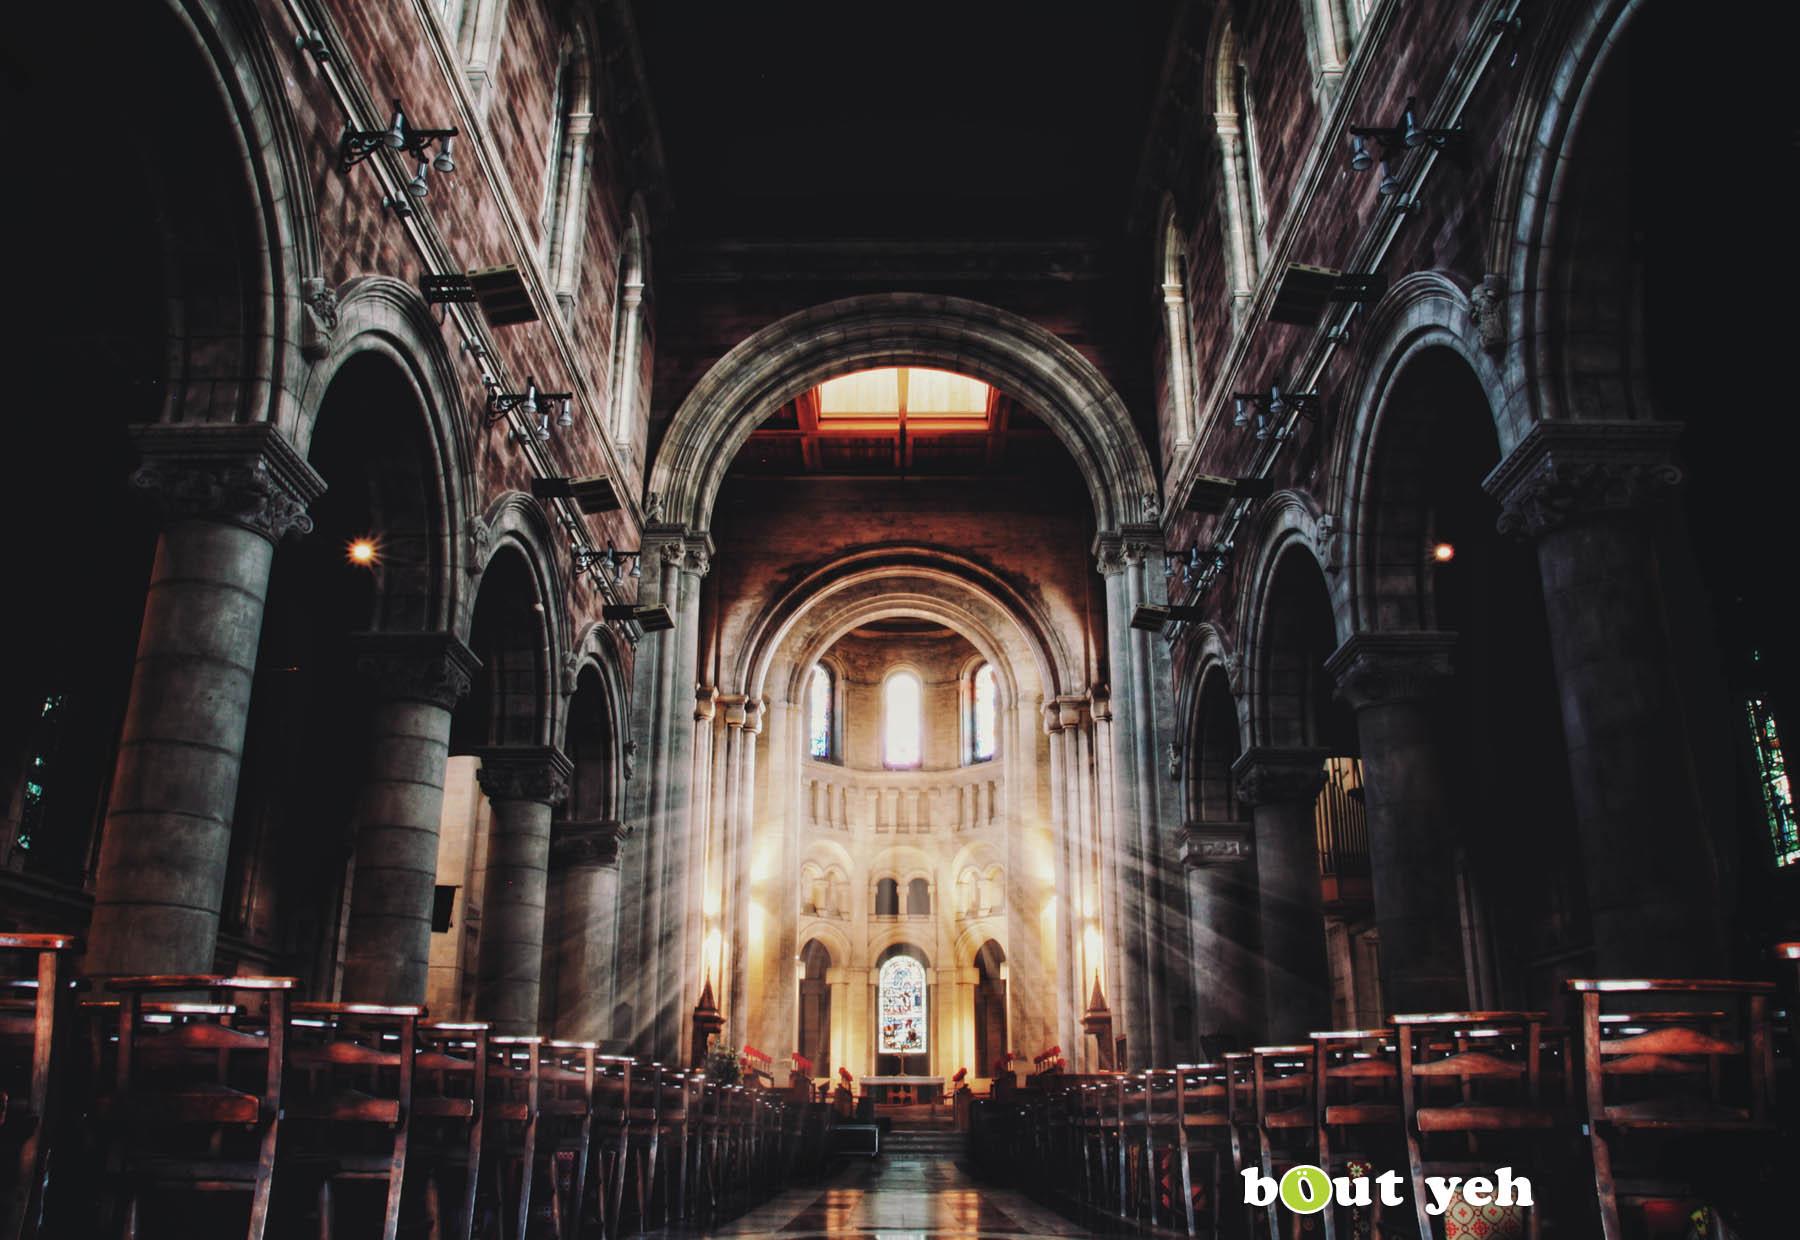 Saint Annes Belfast Cathedral interior, Northern Ireland.